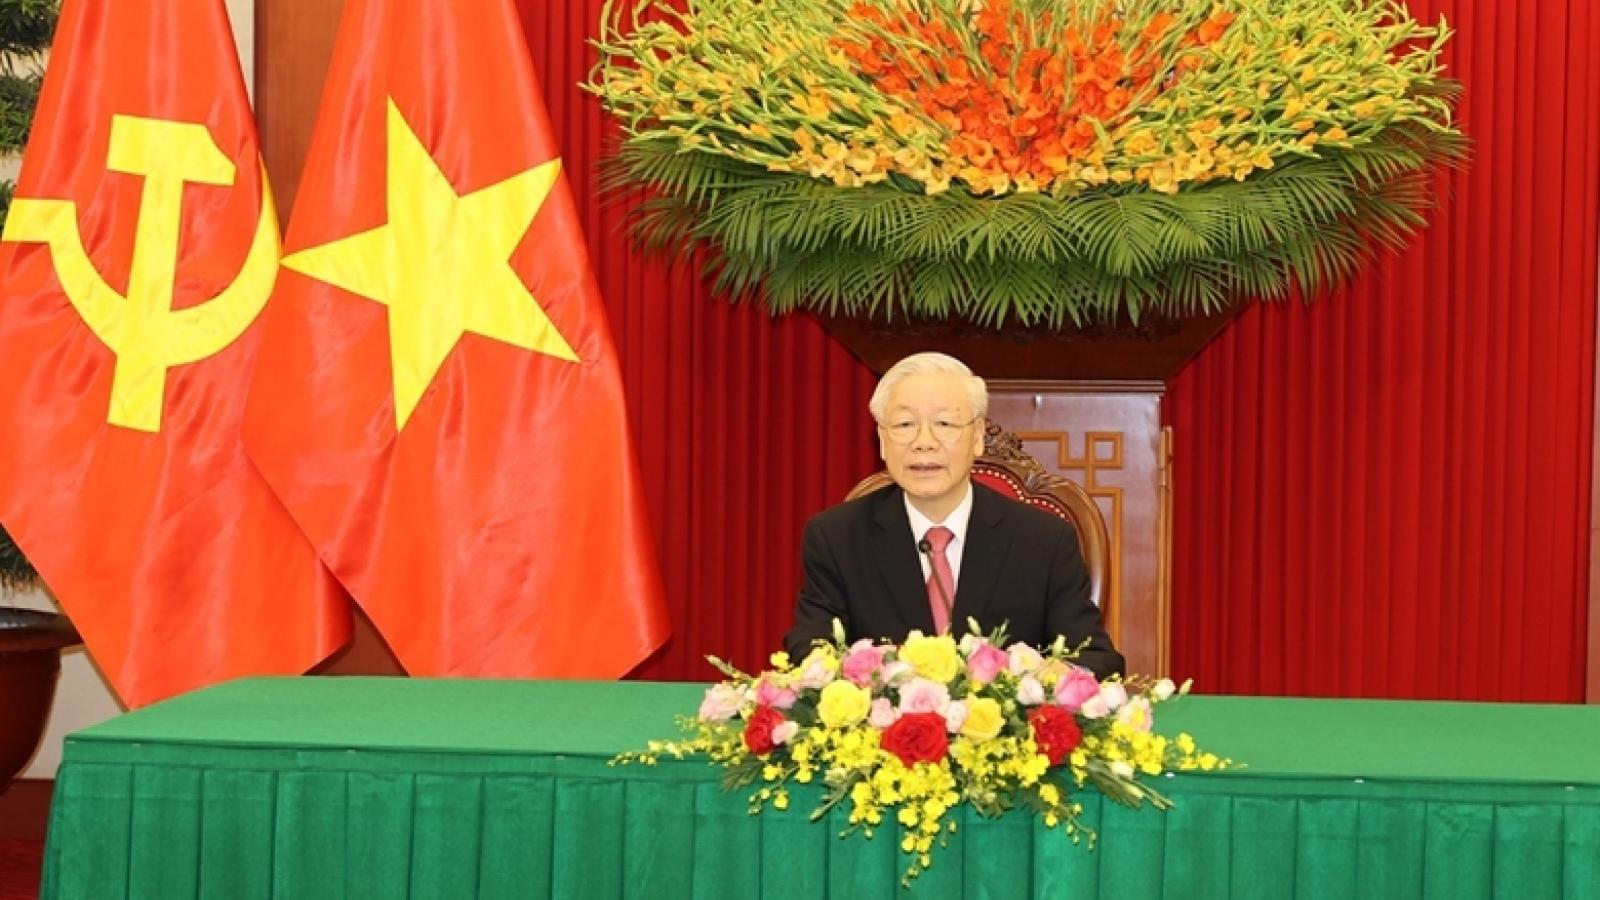 Tổng Bí thư Nguyễn Phú Trọng điện đàmvới Bí thư thứ nhất Đảng Cộng sản Cuba